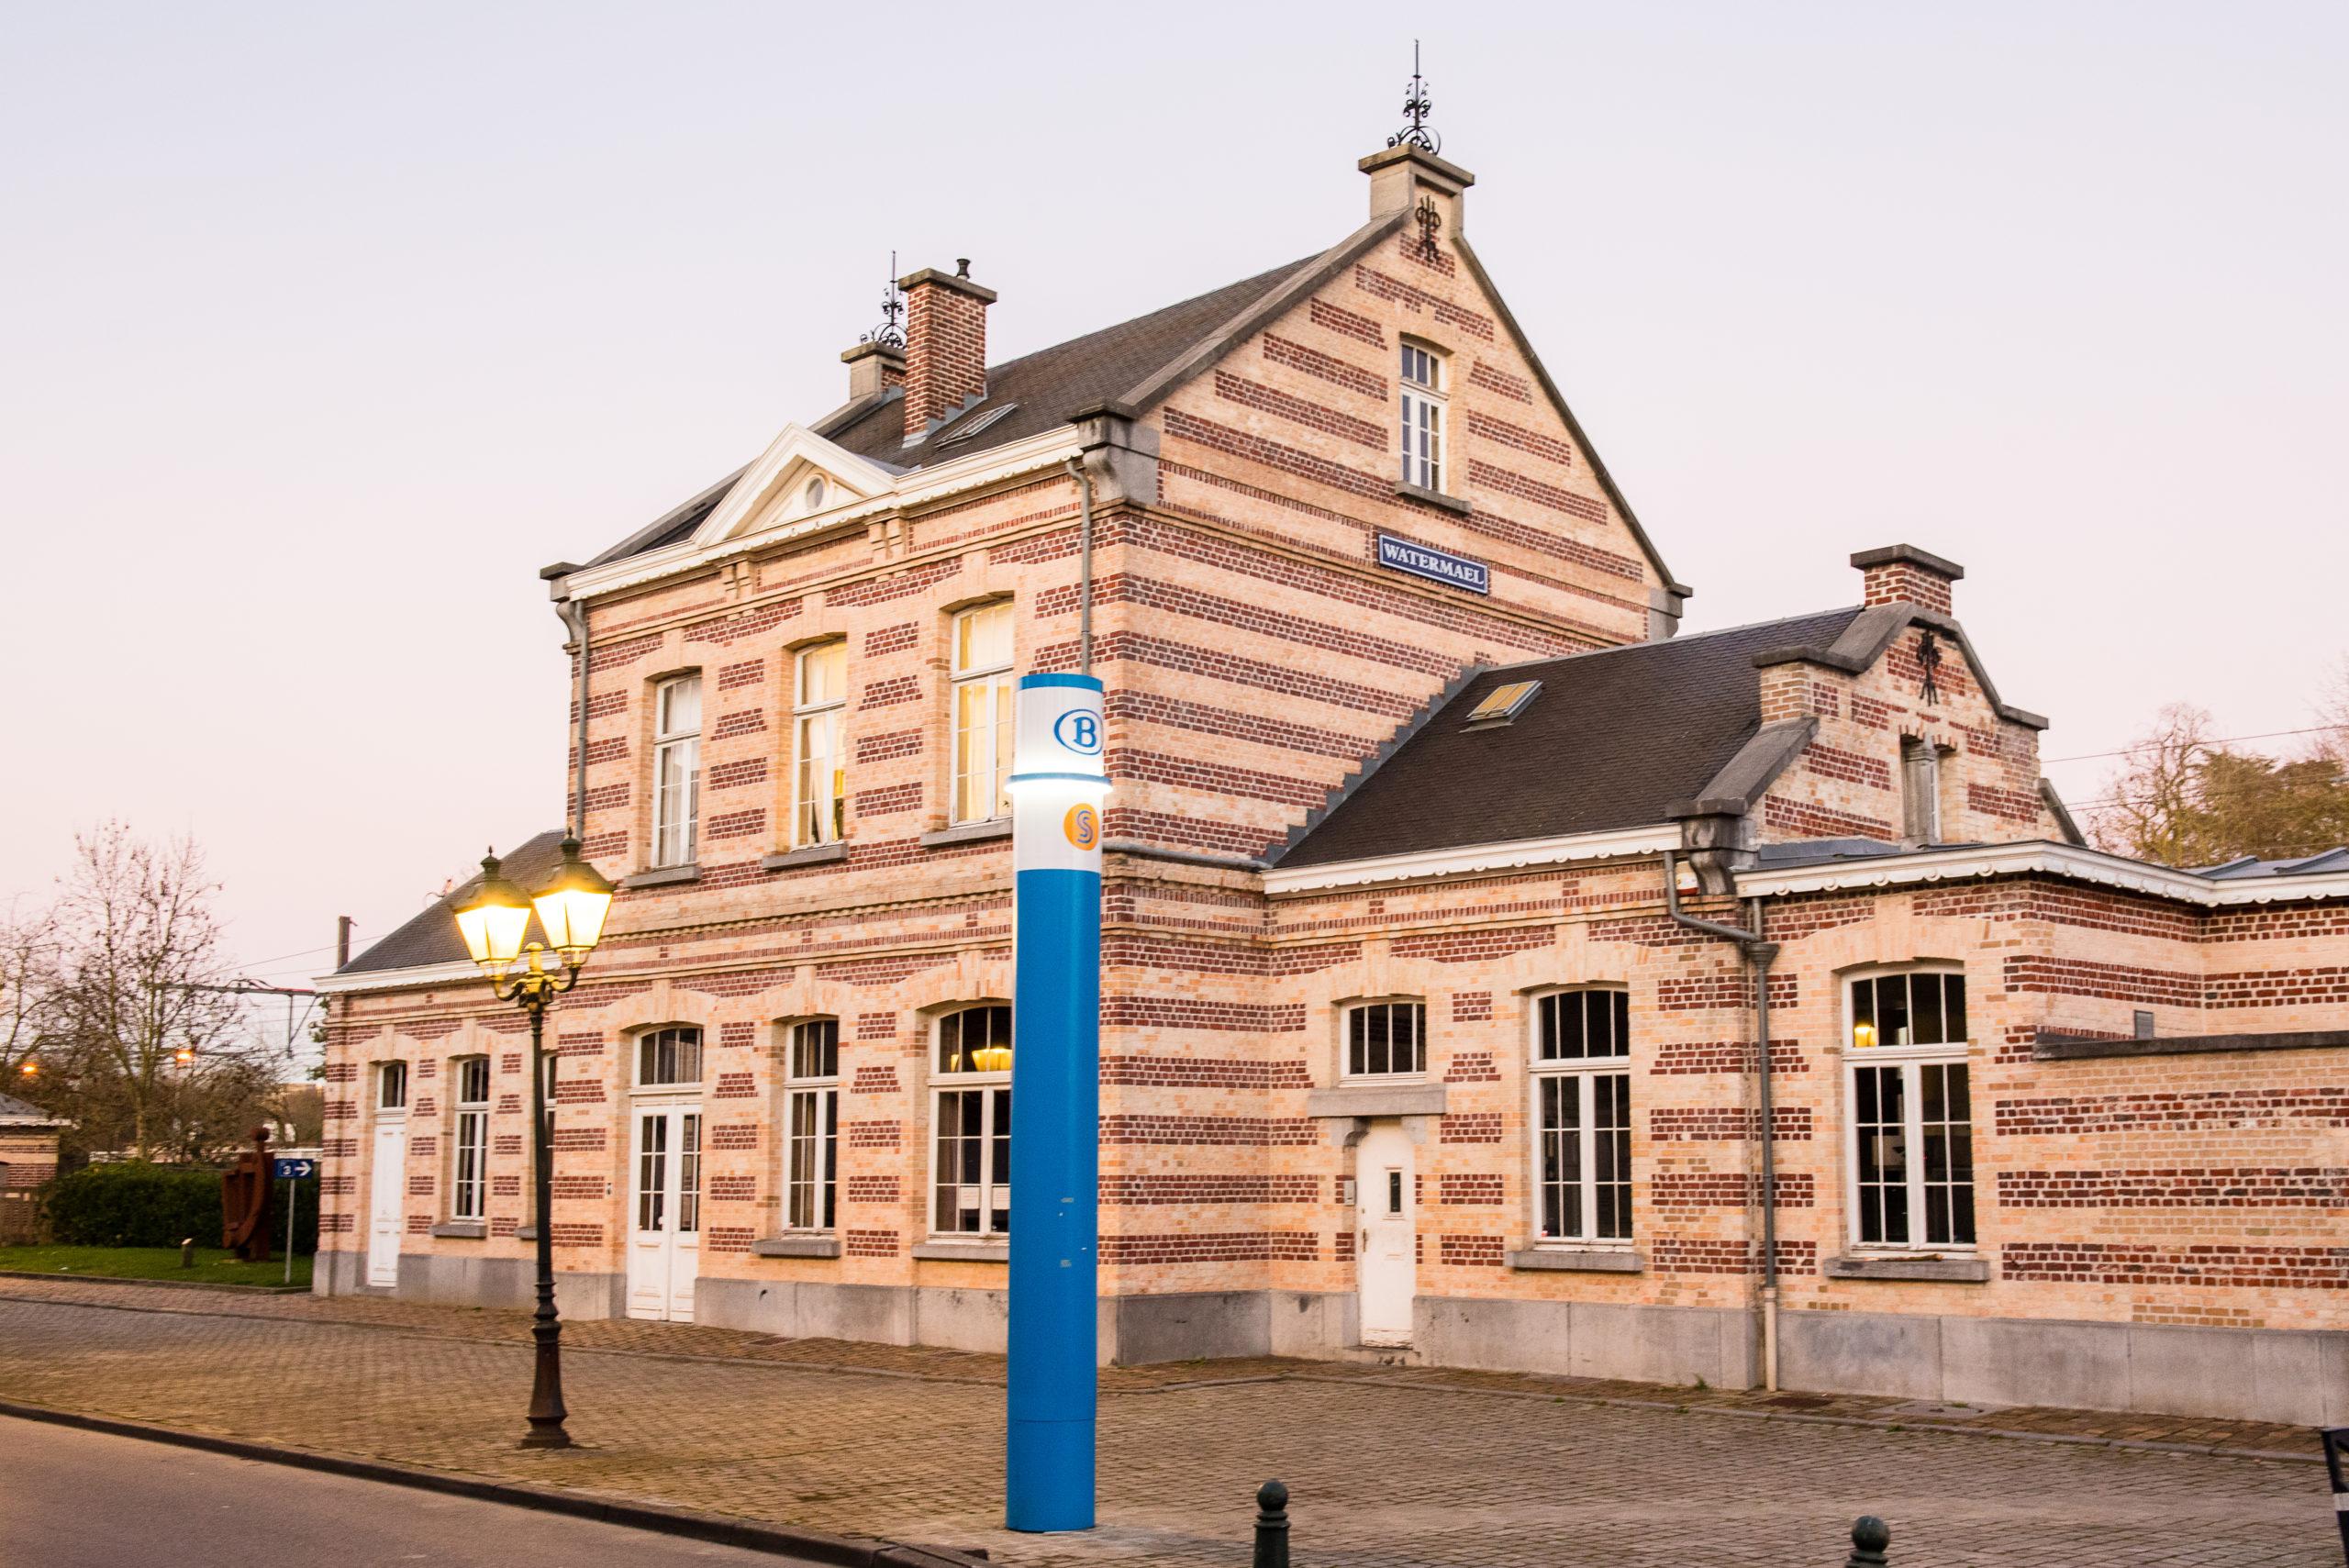 La gare Watermael – Maison de Quartier du Dries 1170 Watermael-Boitsfort